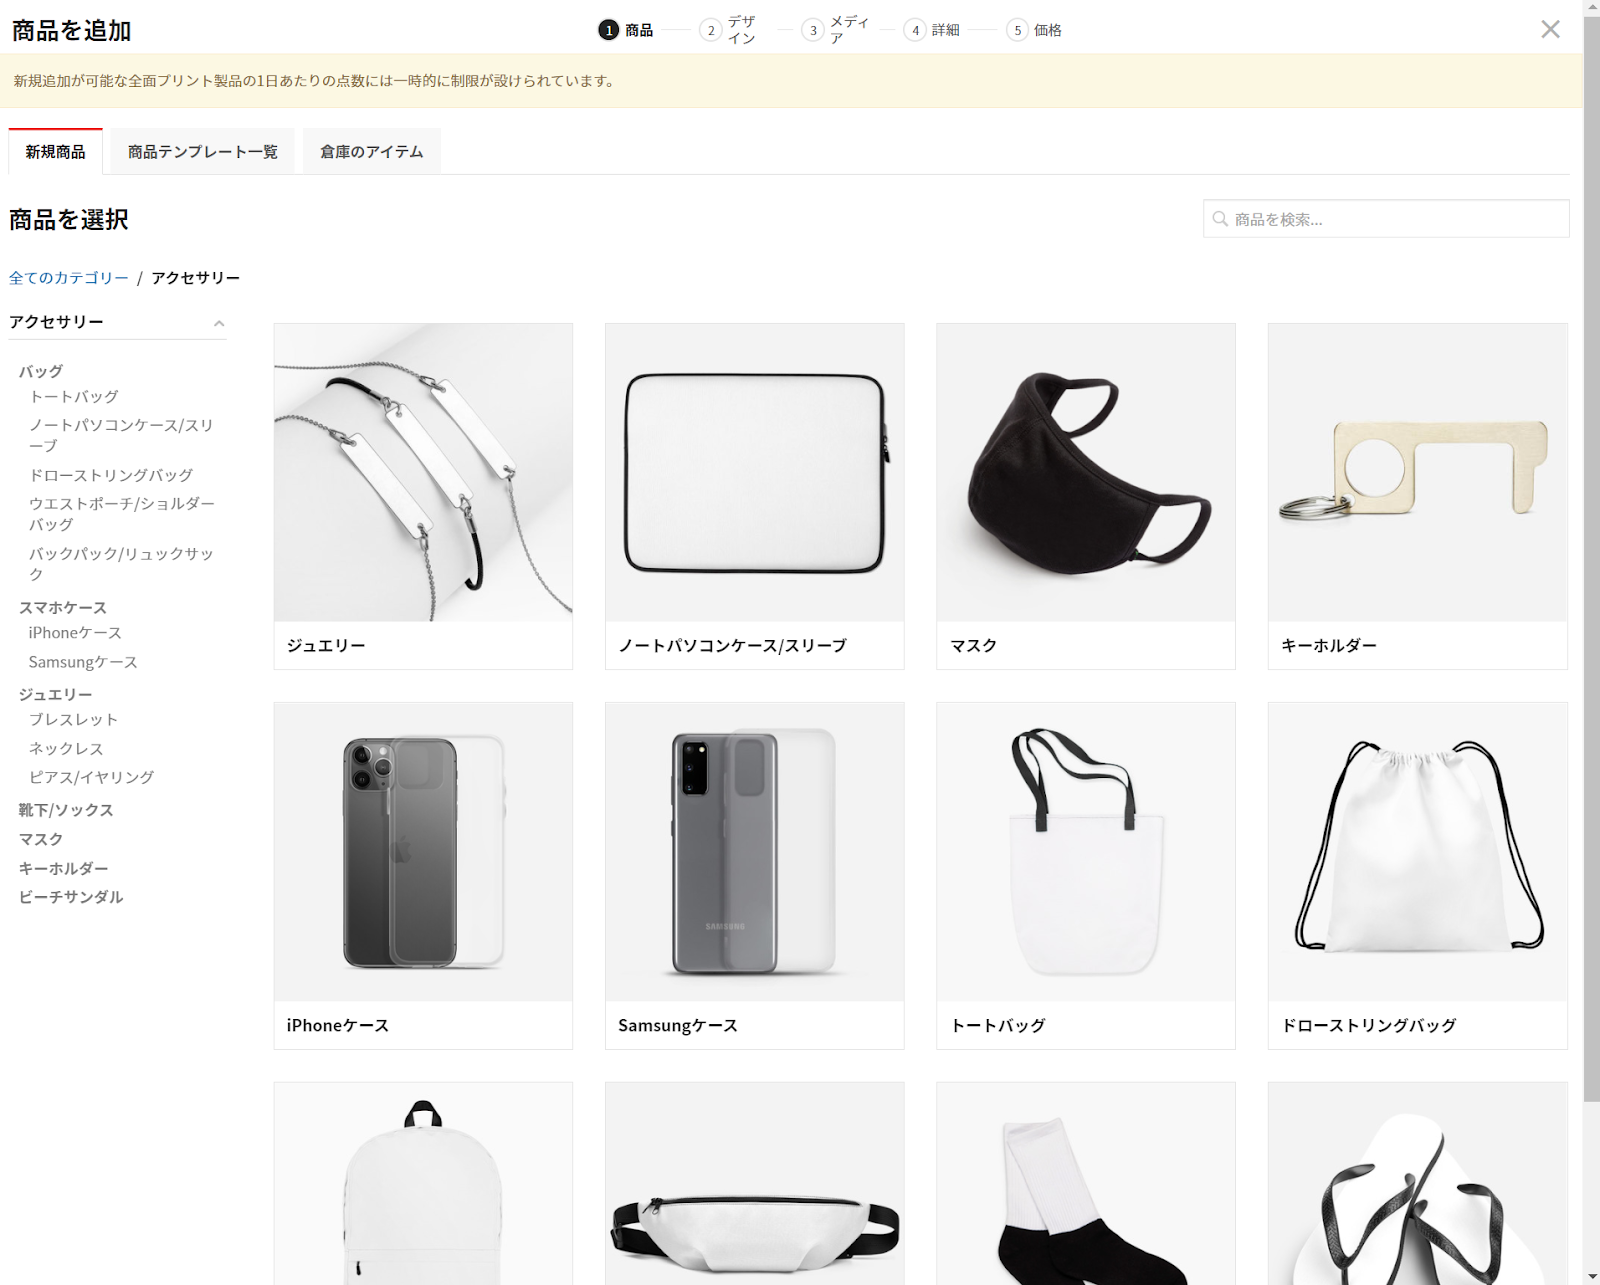 商品選択の画面画像